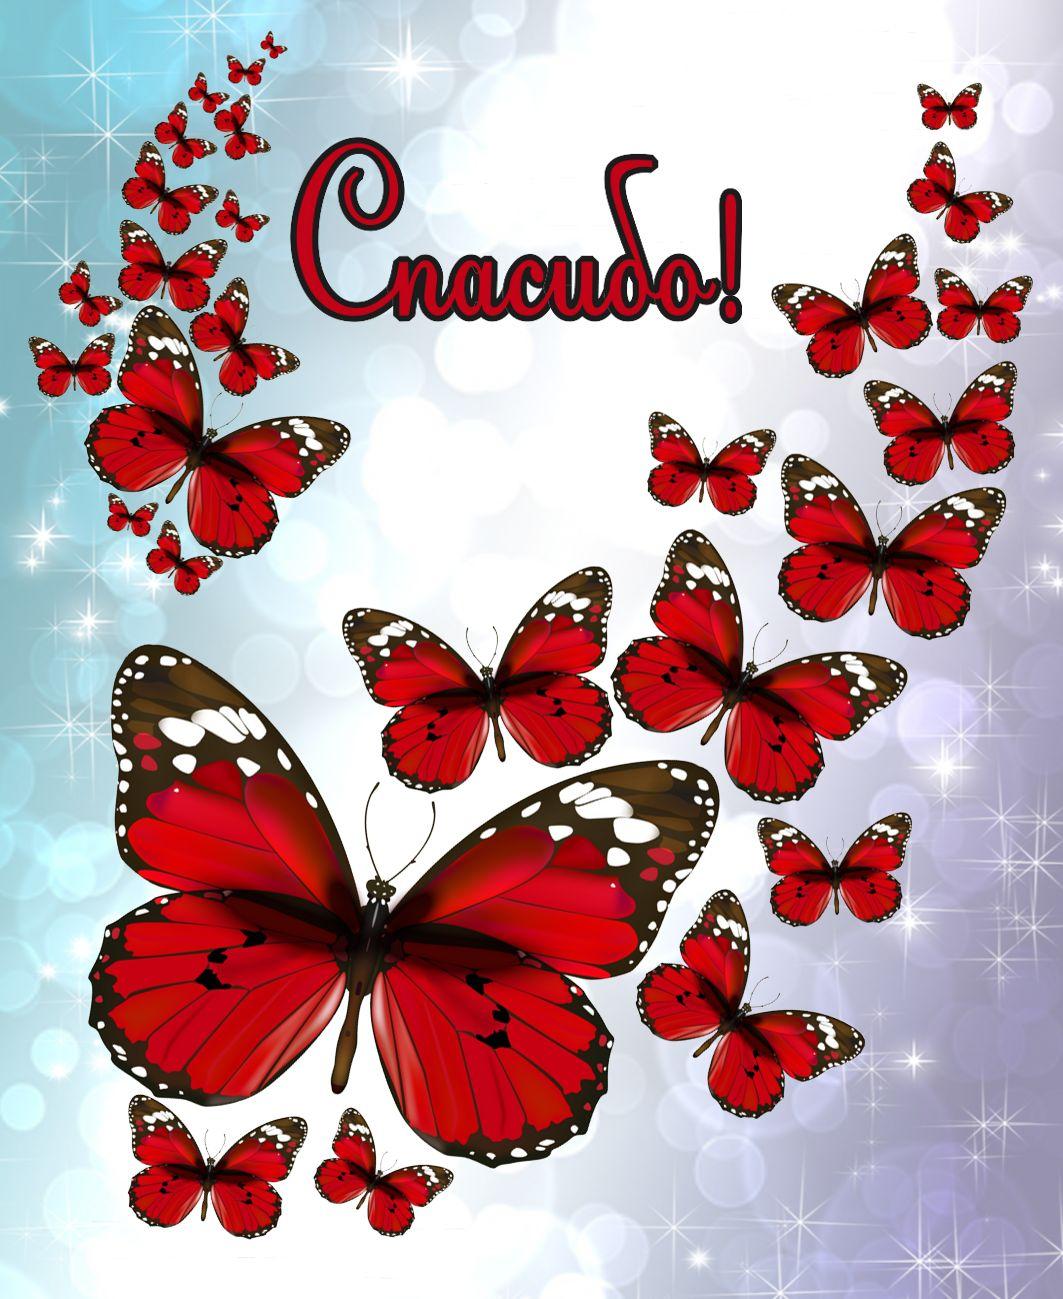 Открытка с красными бабочками - спасибо